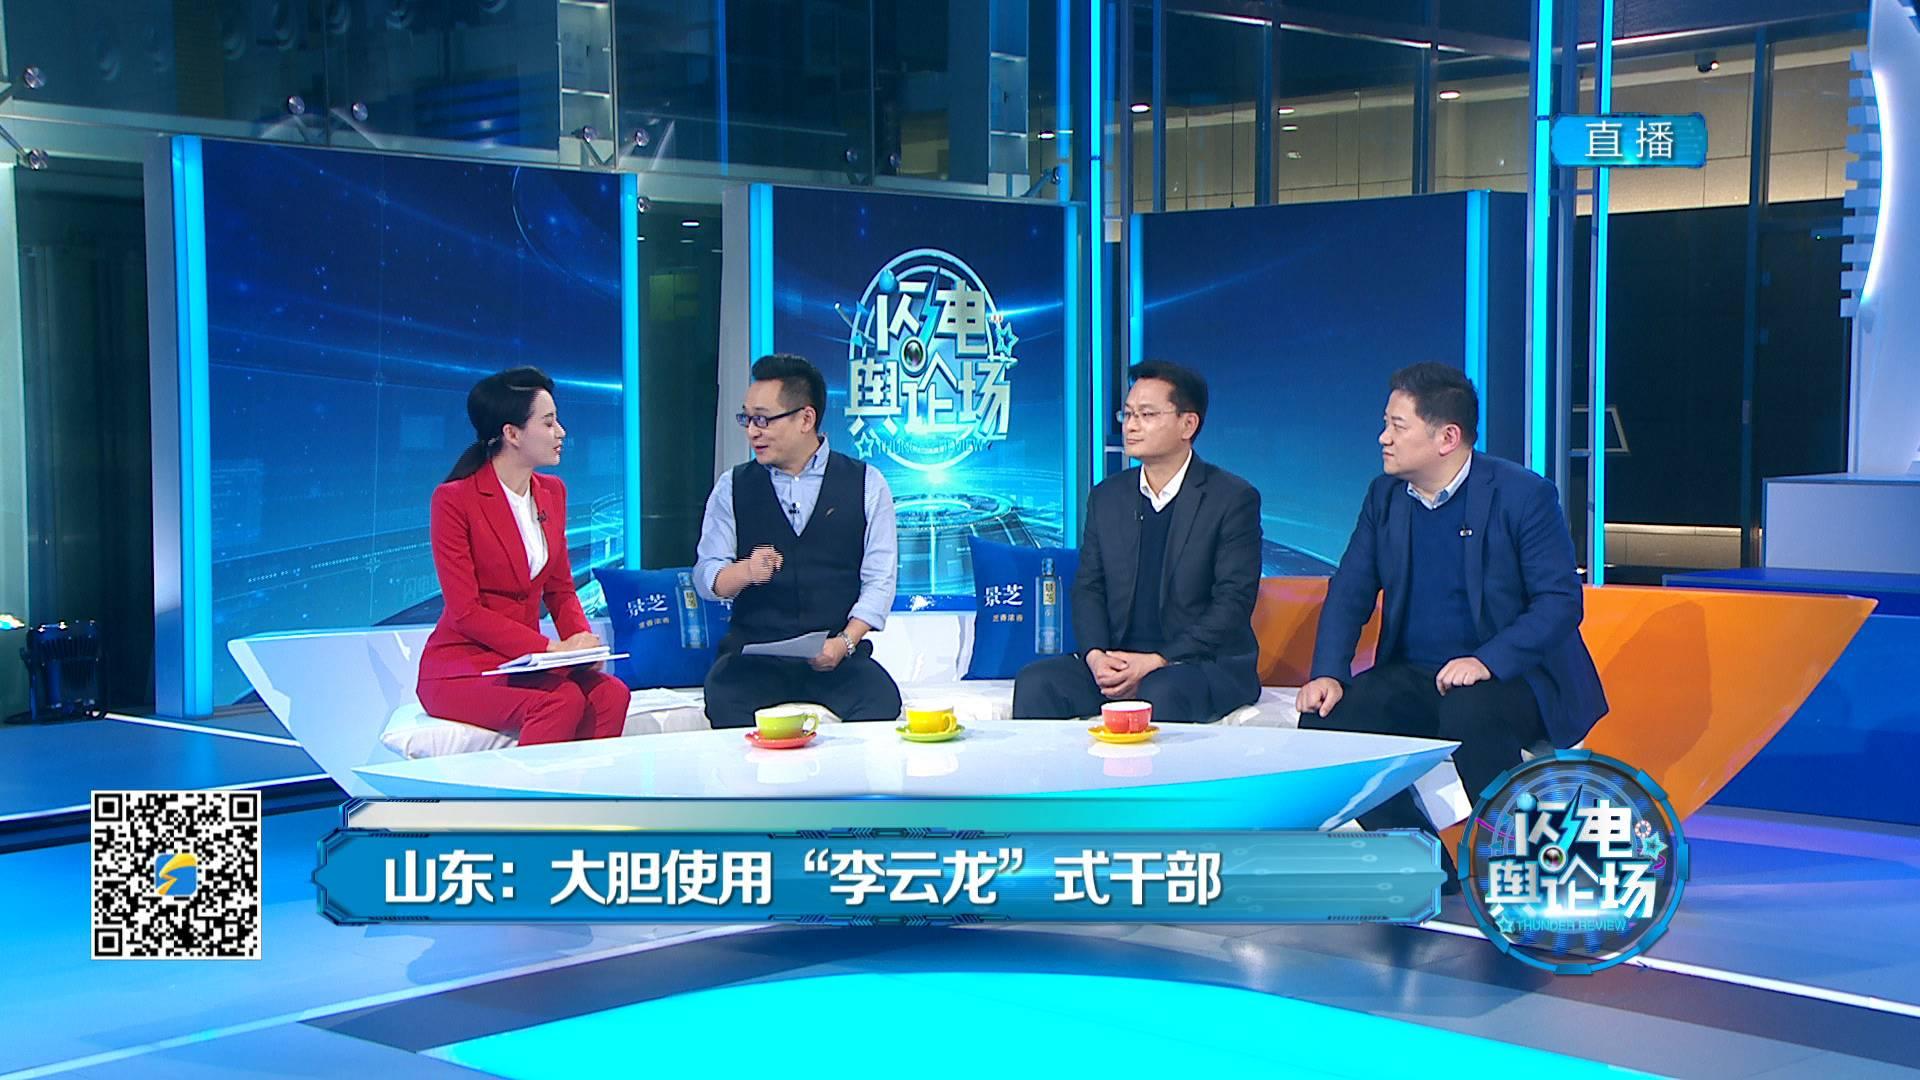 """58秒丨""""李云龙式""""的干部如何""""保护""""?省委党校教授支招"""